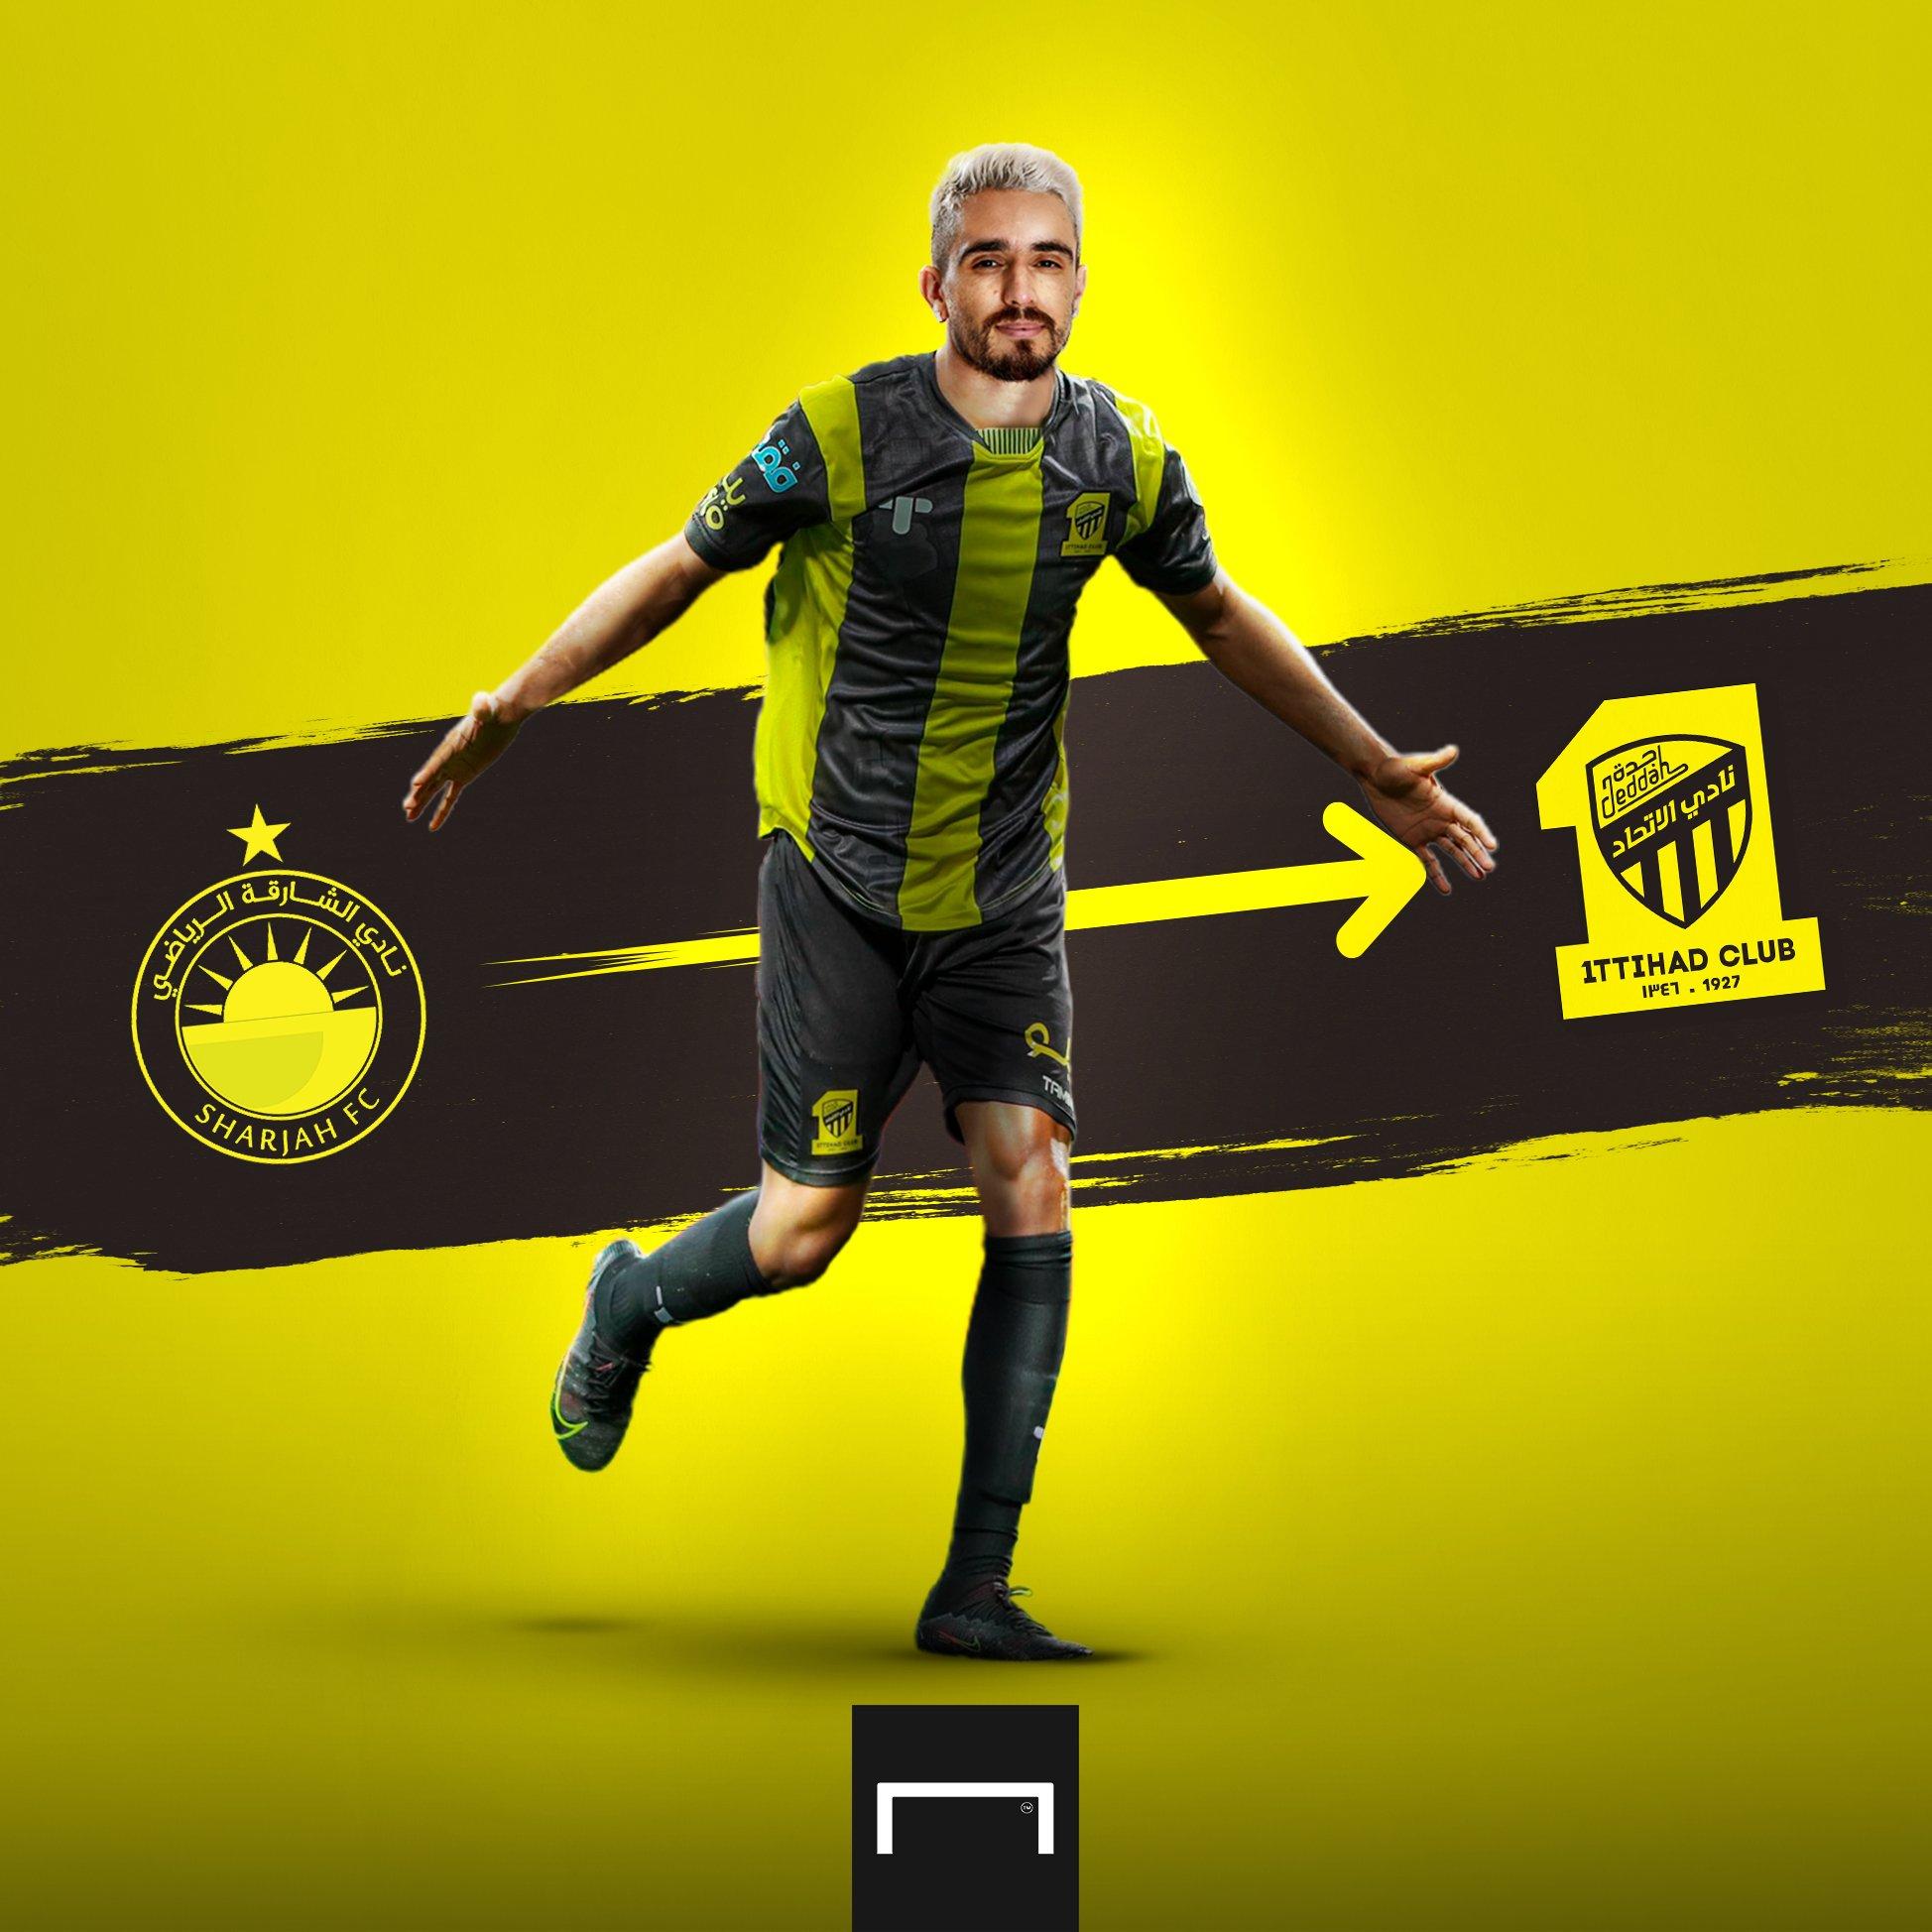 ساحر برازيلي يُجيد فنون كرة القدم 🇧🇷🤩<br /><br />لاعب يحتاجه الاتحاد بقوة في الوقت الحالي💪<br /><br />تألق بقميص الشارقة وننتظر توهجه في دورينا. 🇸🇦👏<br /><br />الاتحاد يبحث عن العودة لمنصات التتويج من جديد. 🏆💫<br /><br />هجوم لا يُمكن إيقافه بقيادة الثنائي رومارينيو وكورونادو 🔥😍